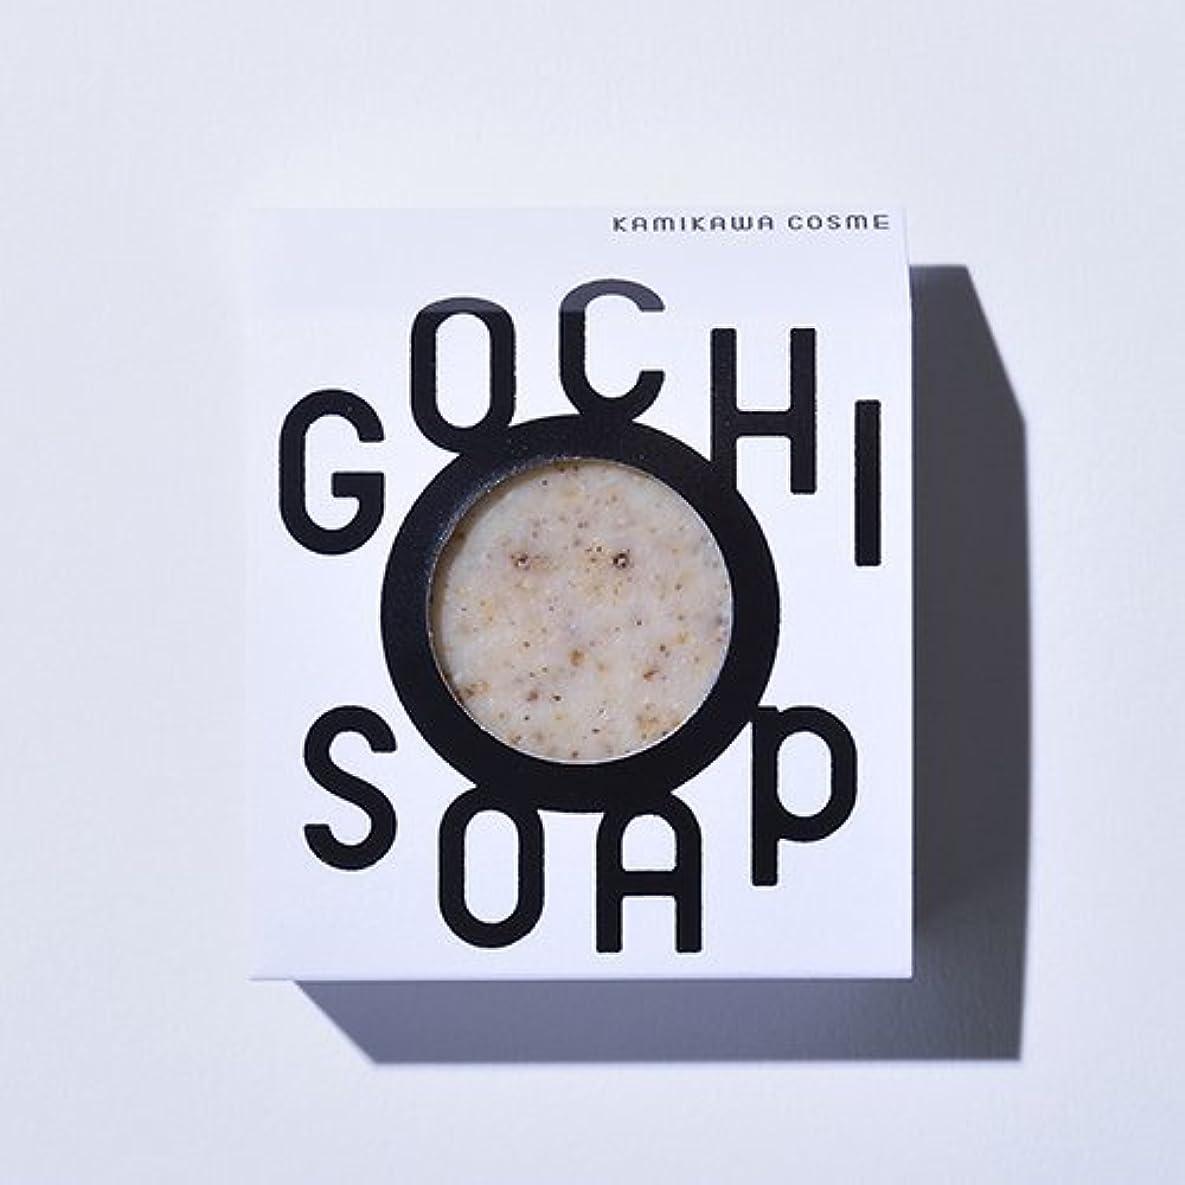 光異常な食堂GOCHI SOAP ゴチソープ 上森米穀店の焙煎黒米ソープ